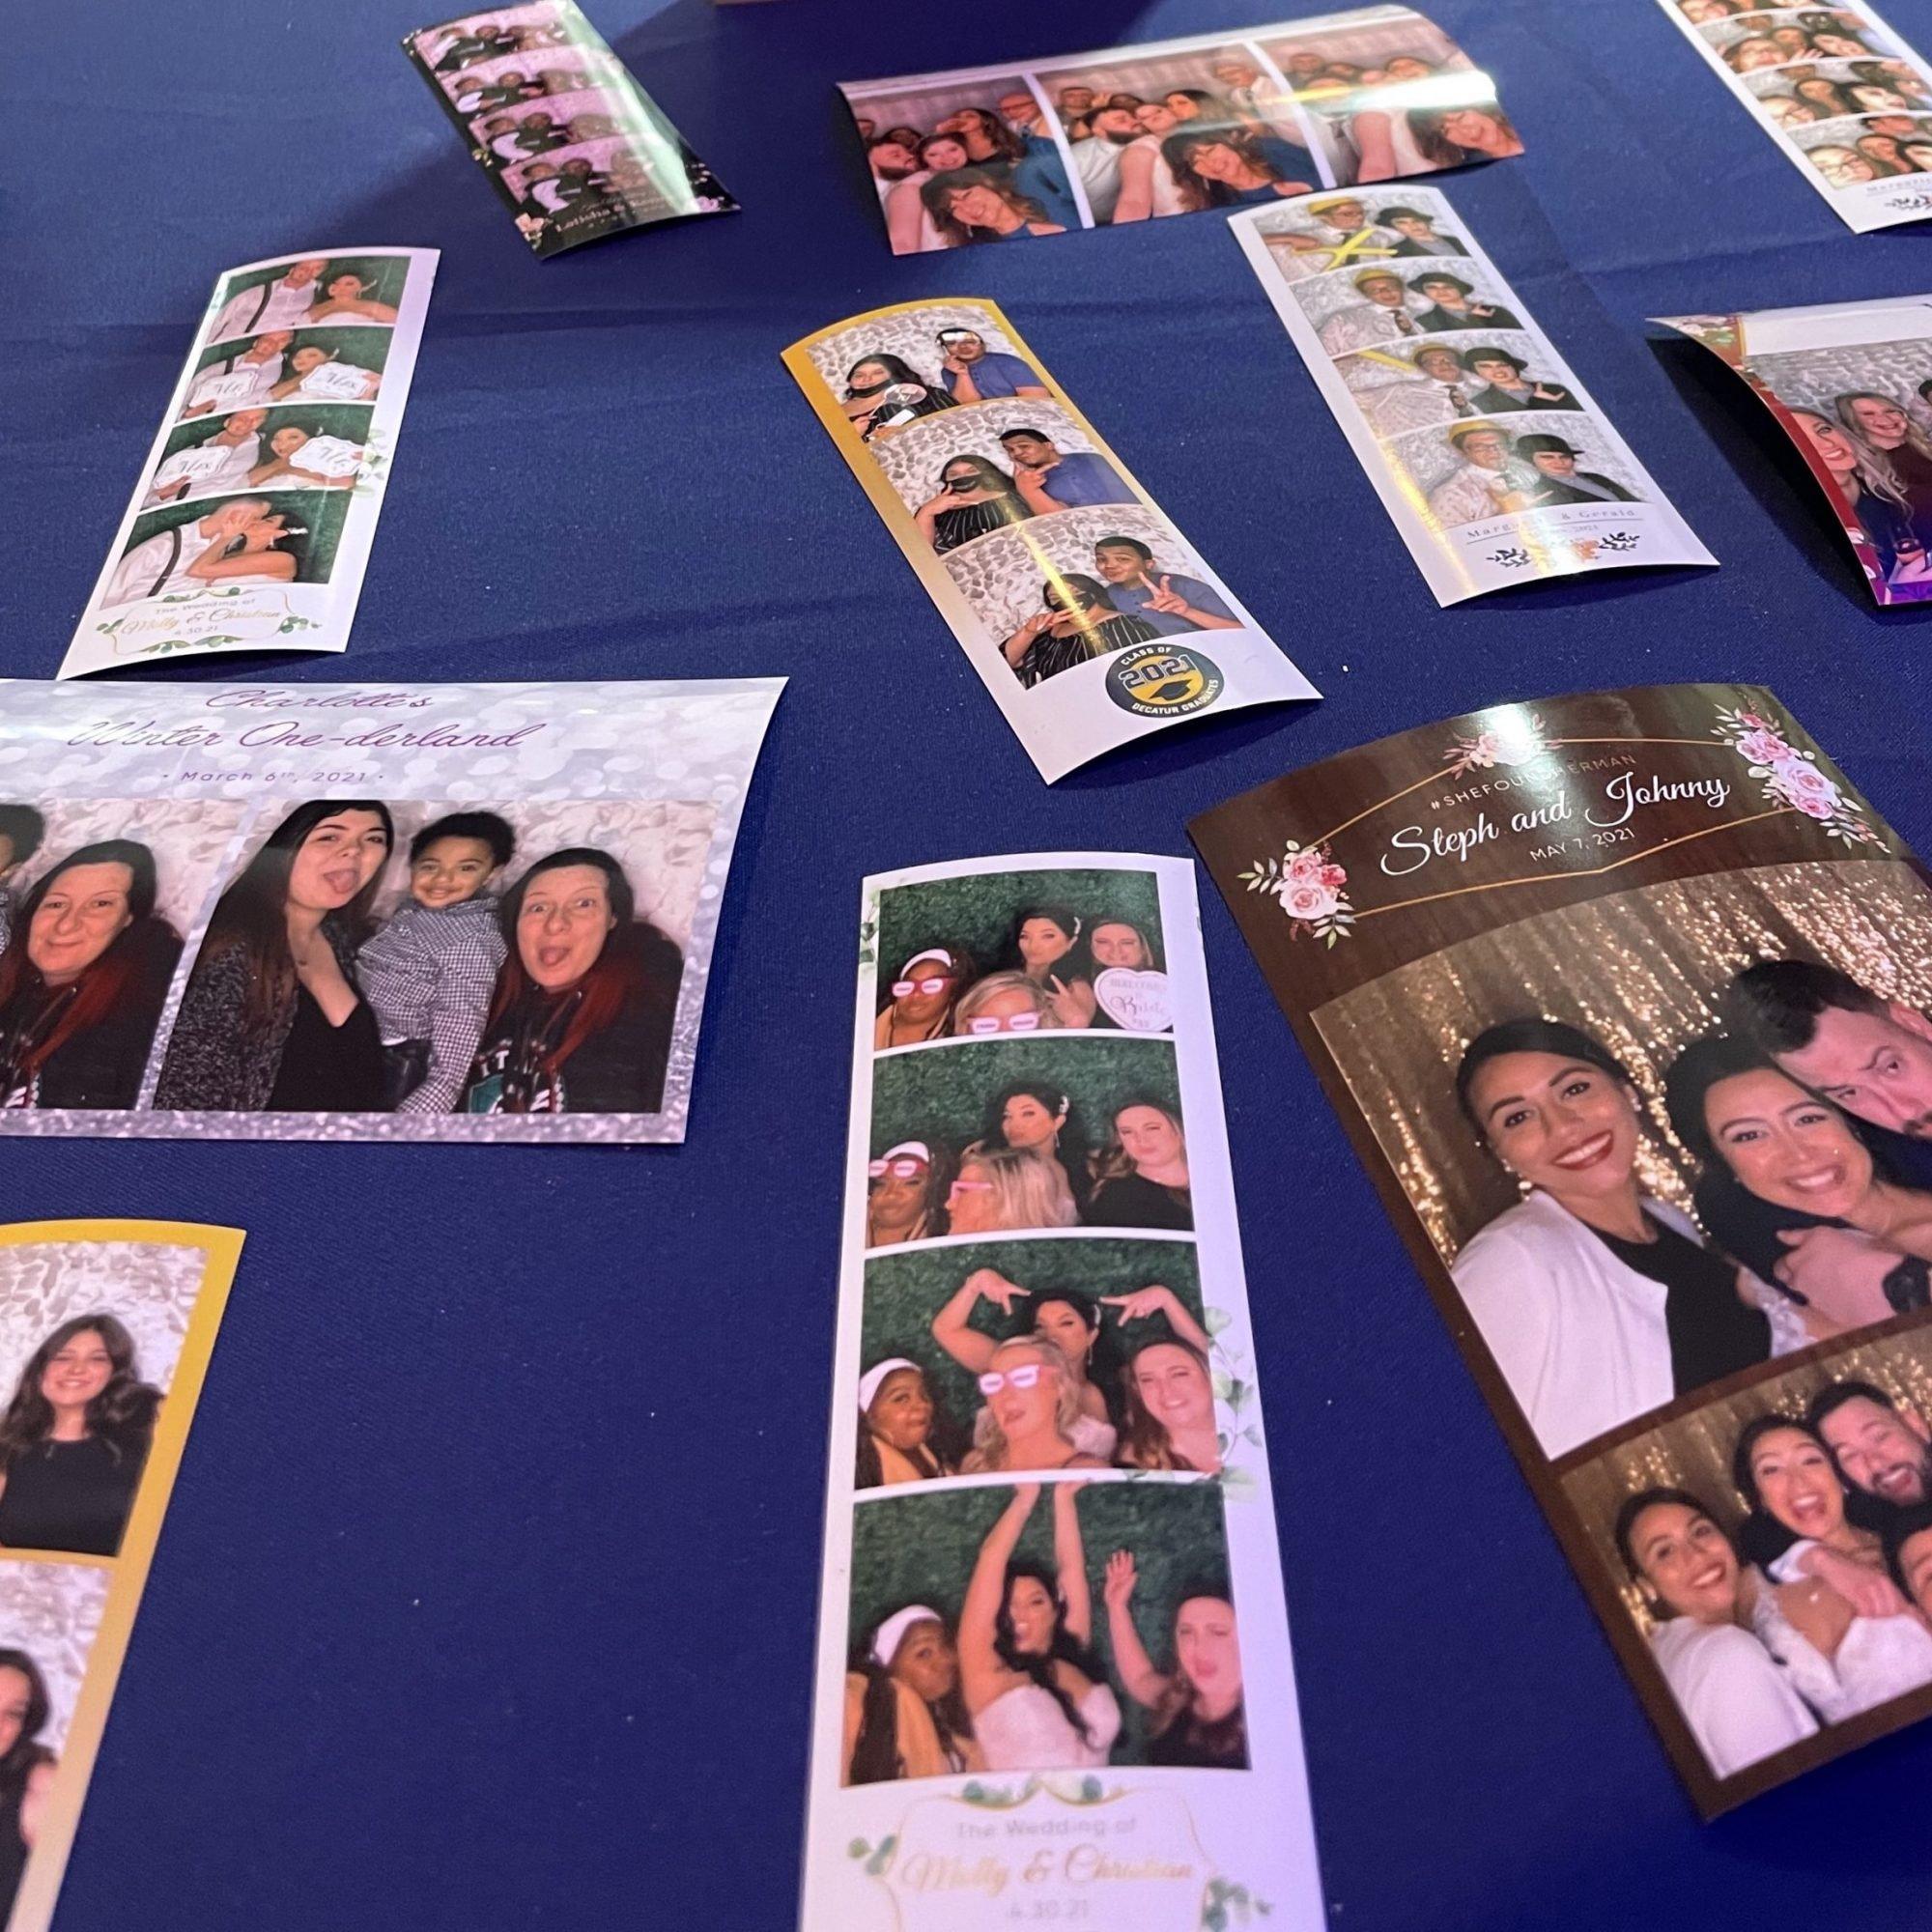 Photo print examples